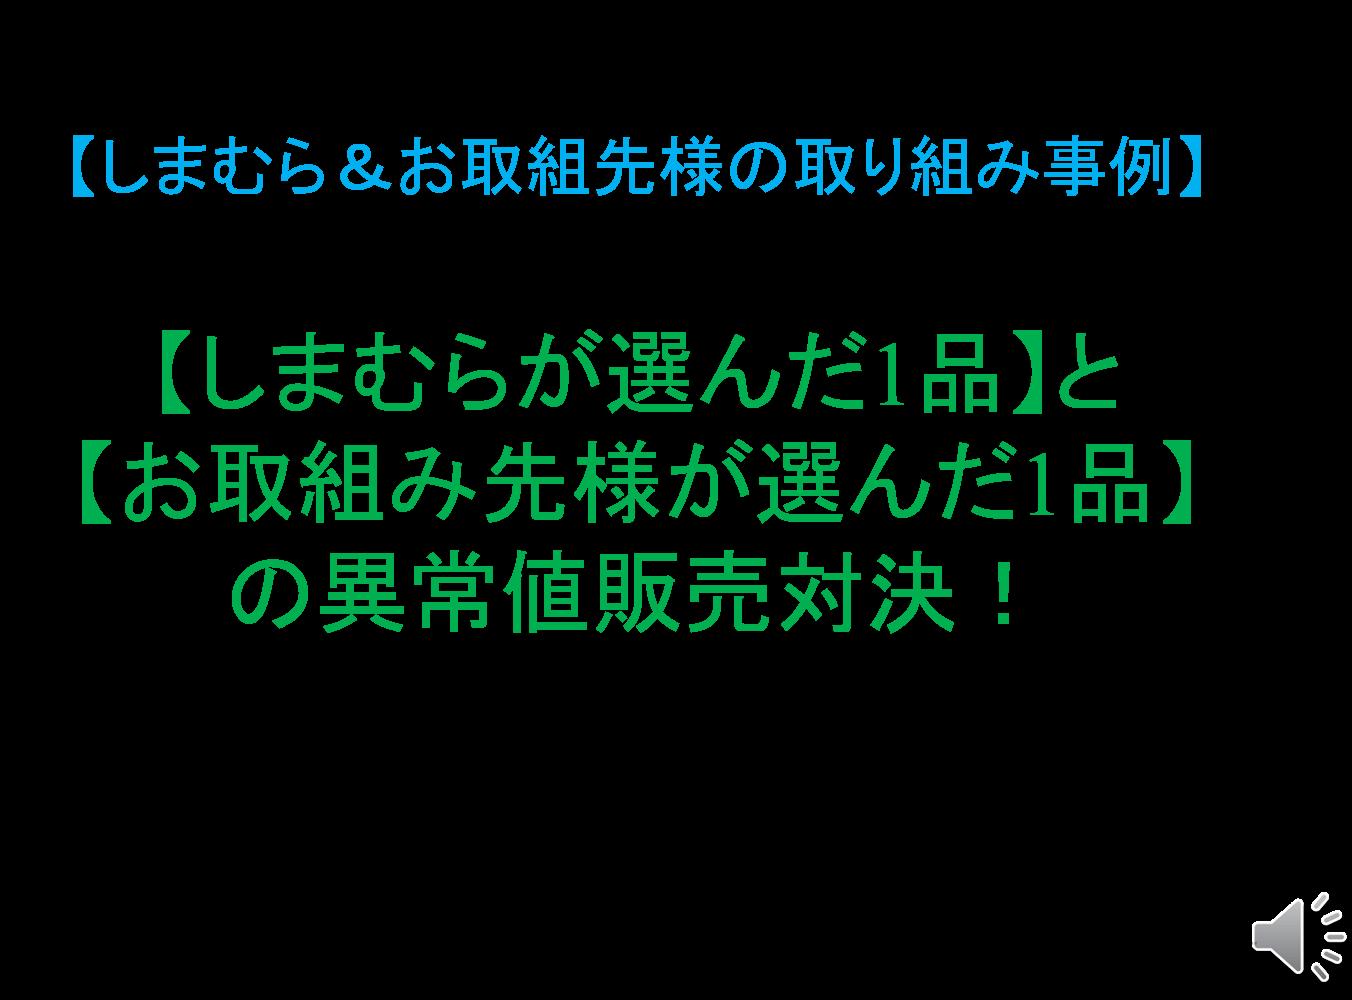 やる気と感動の祭典 東京FINAL 発表者発表 その3_f0070004_12553029.png